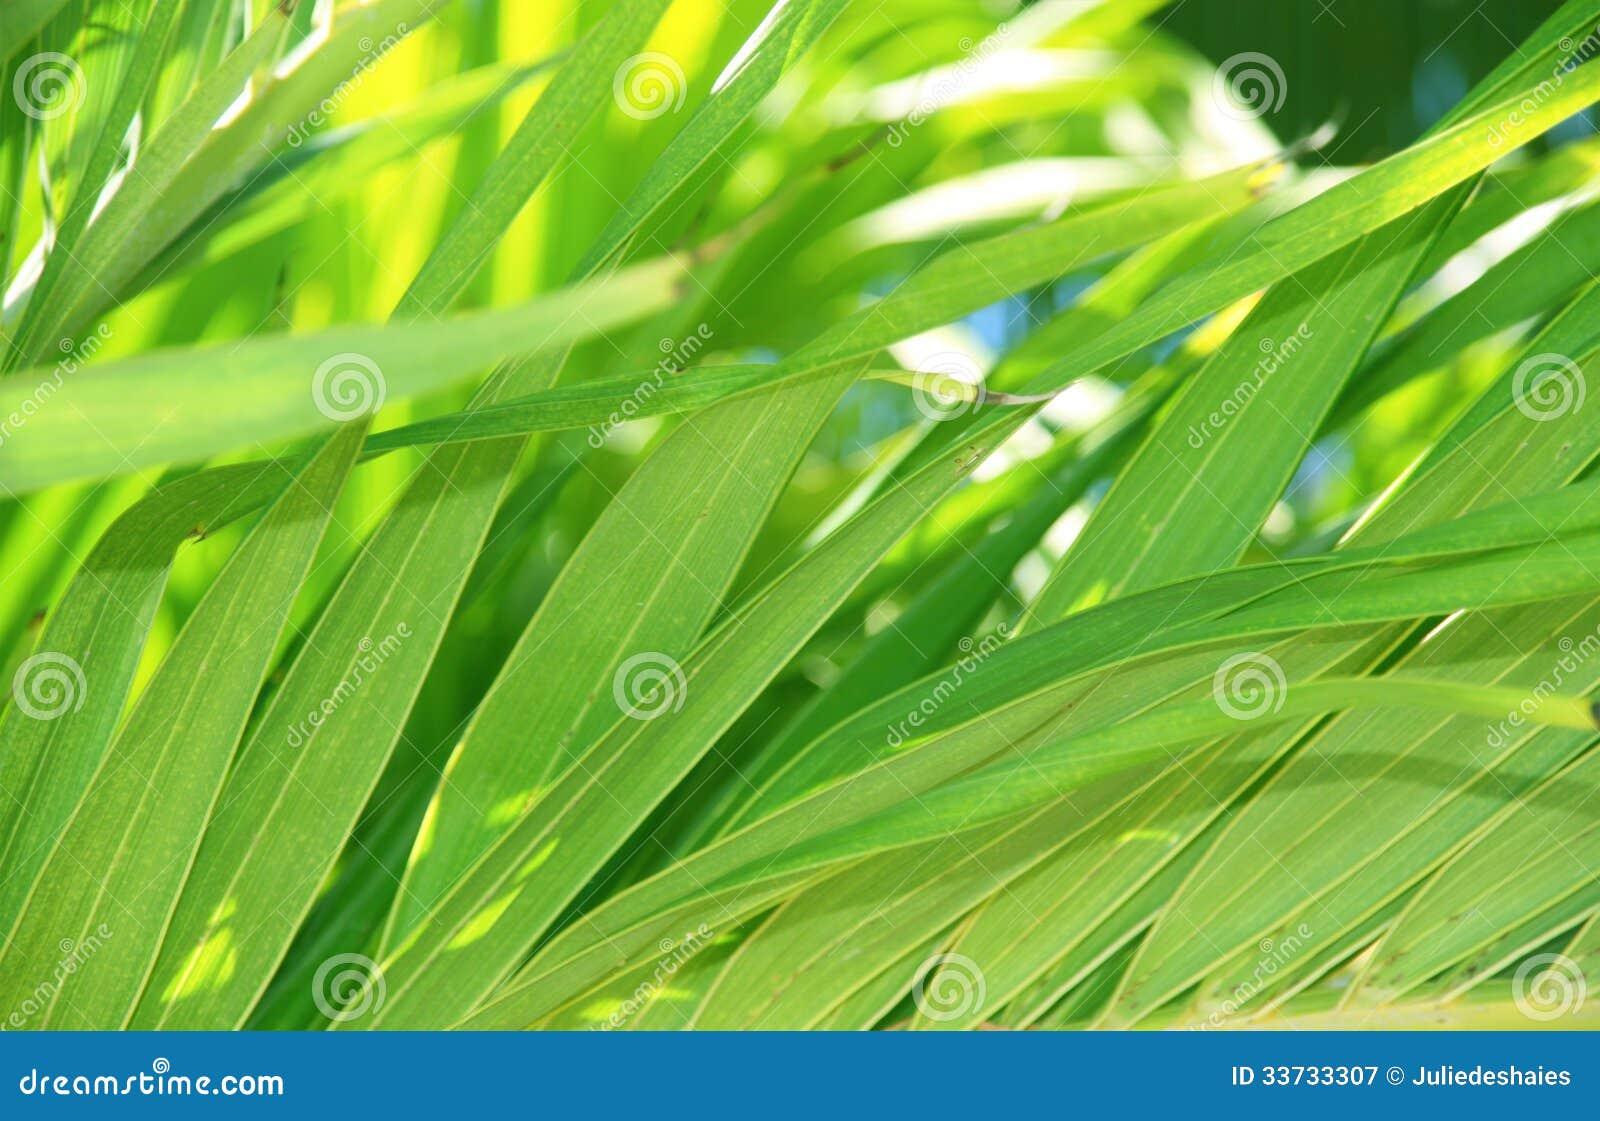 Тропическая предпосылка листьев